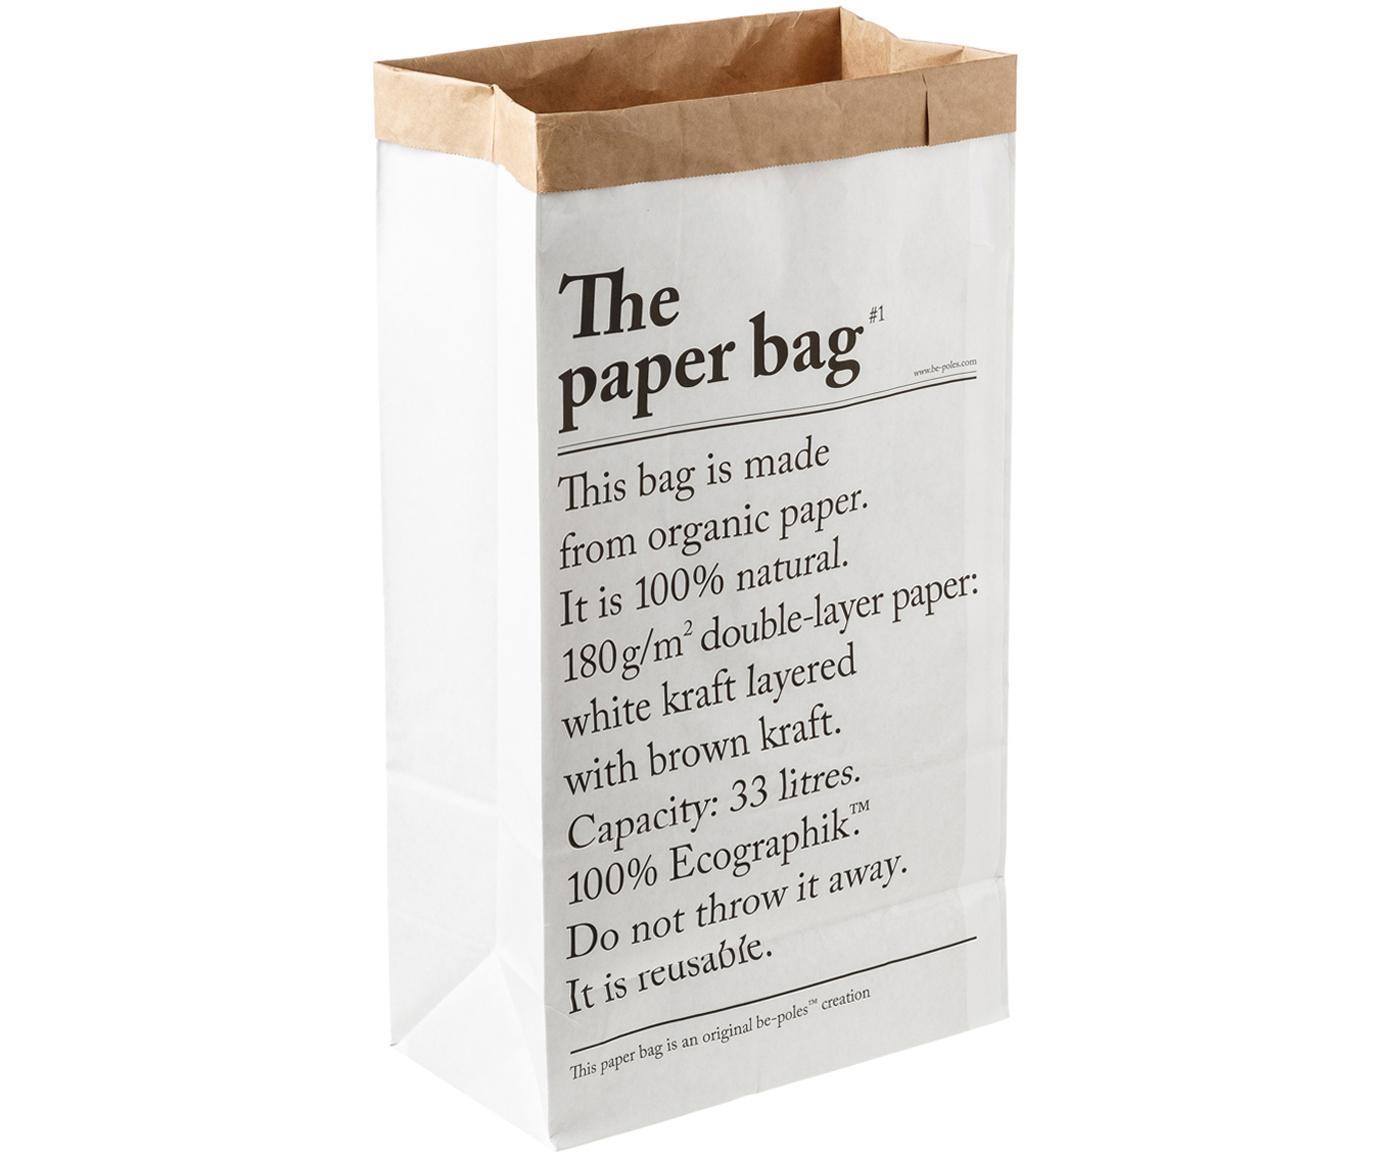 Sacchetto Le sac en papier, 33l, Carta riciclata, Bianco, Larg. 32 x Alt. 60 cm